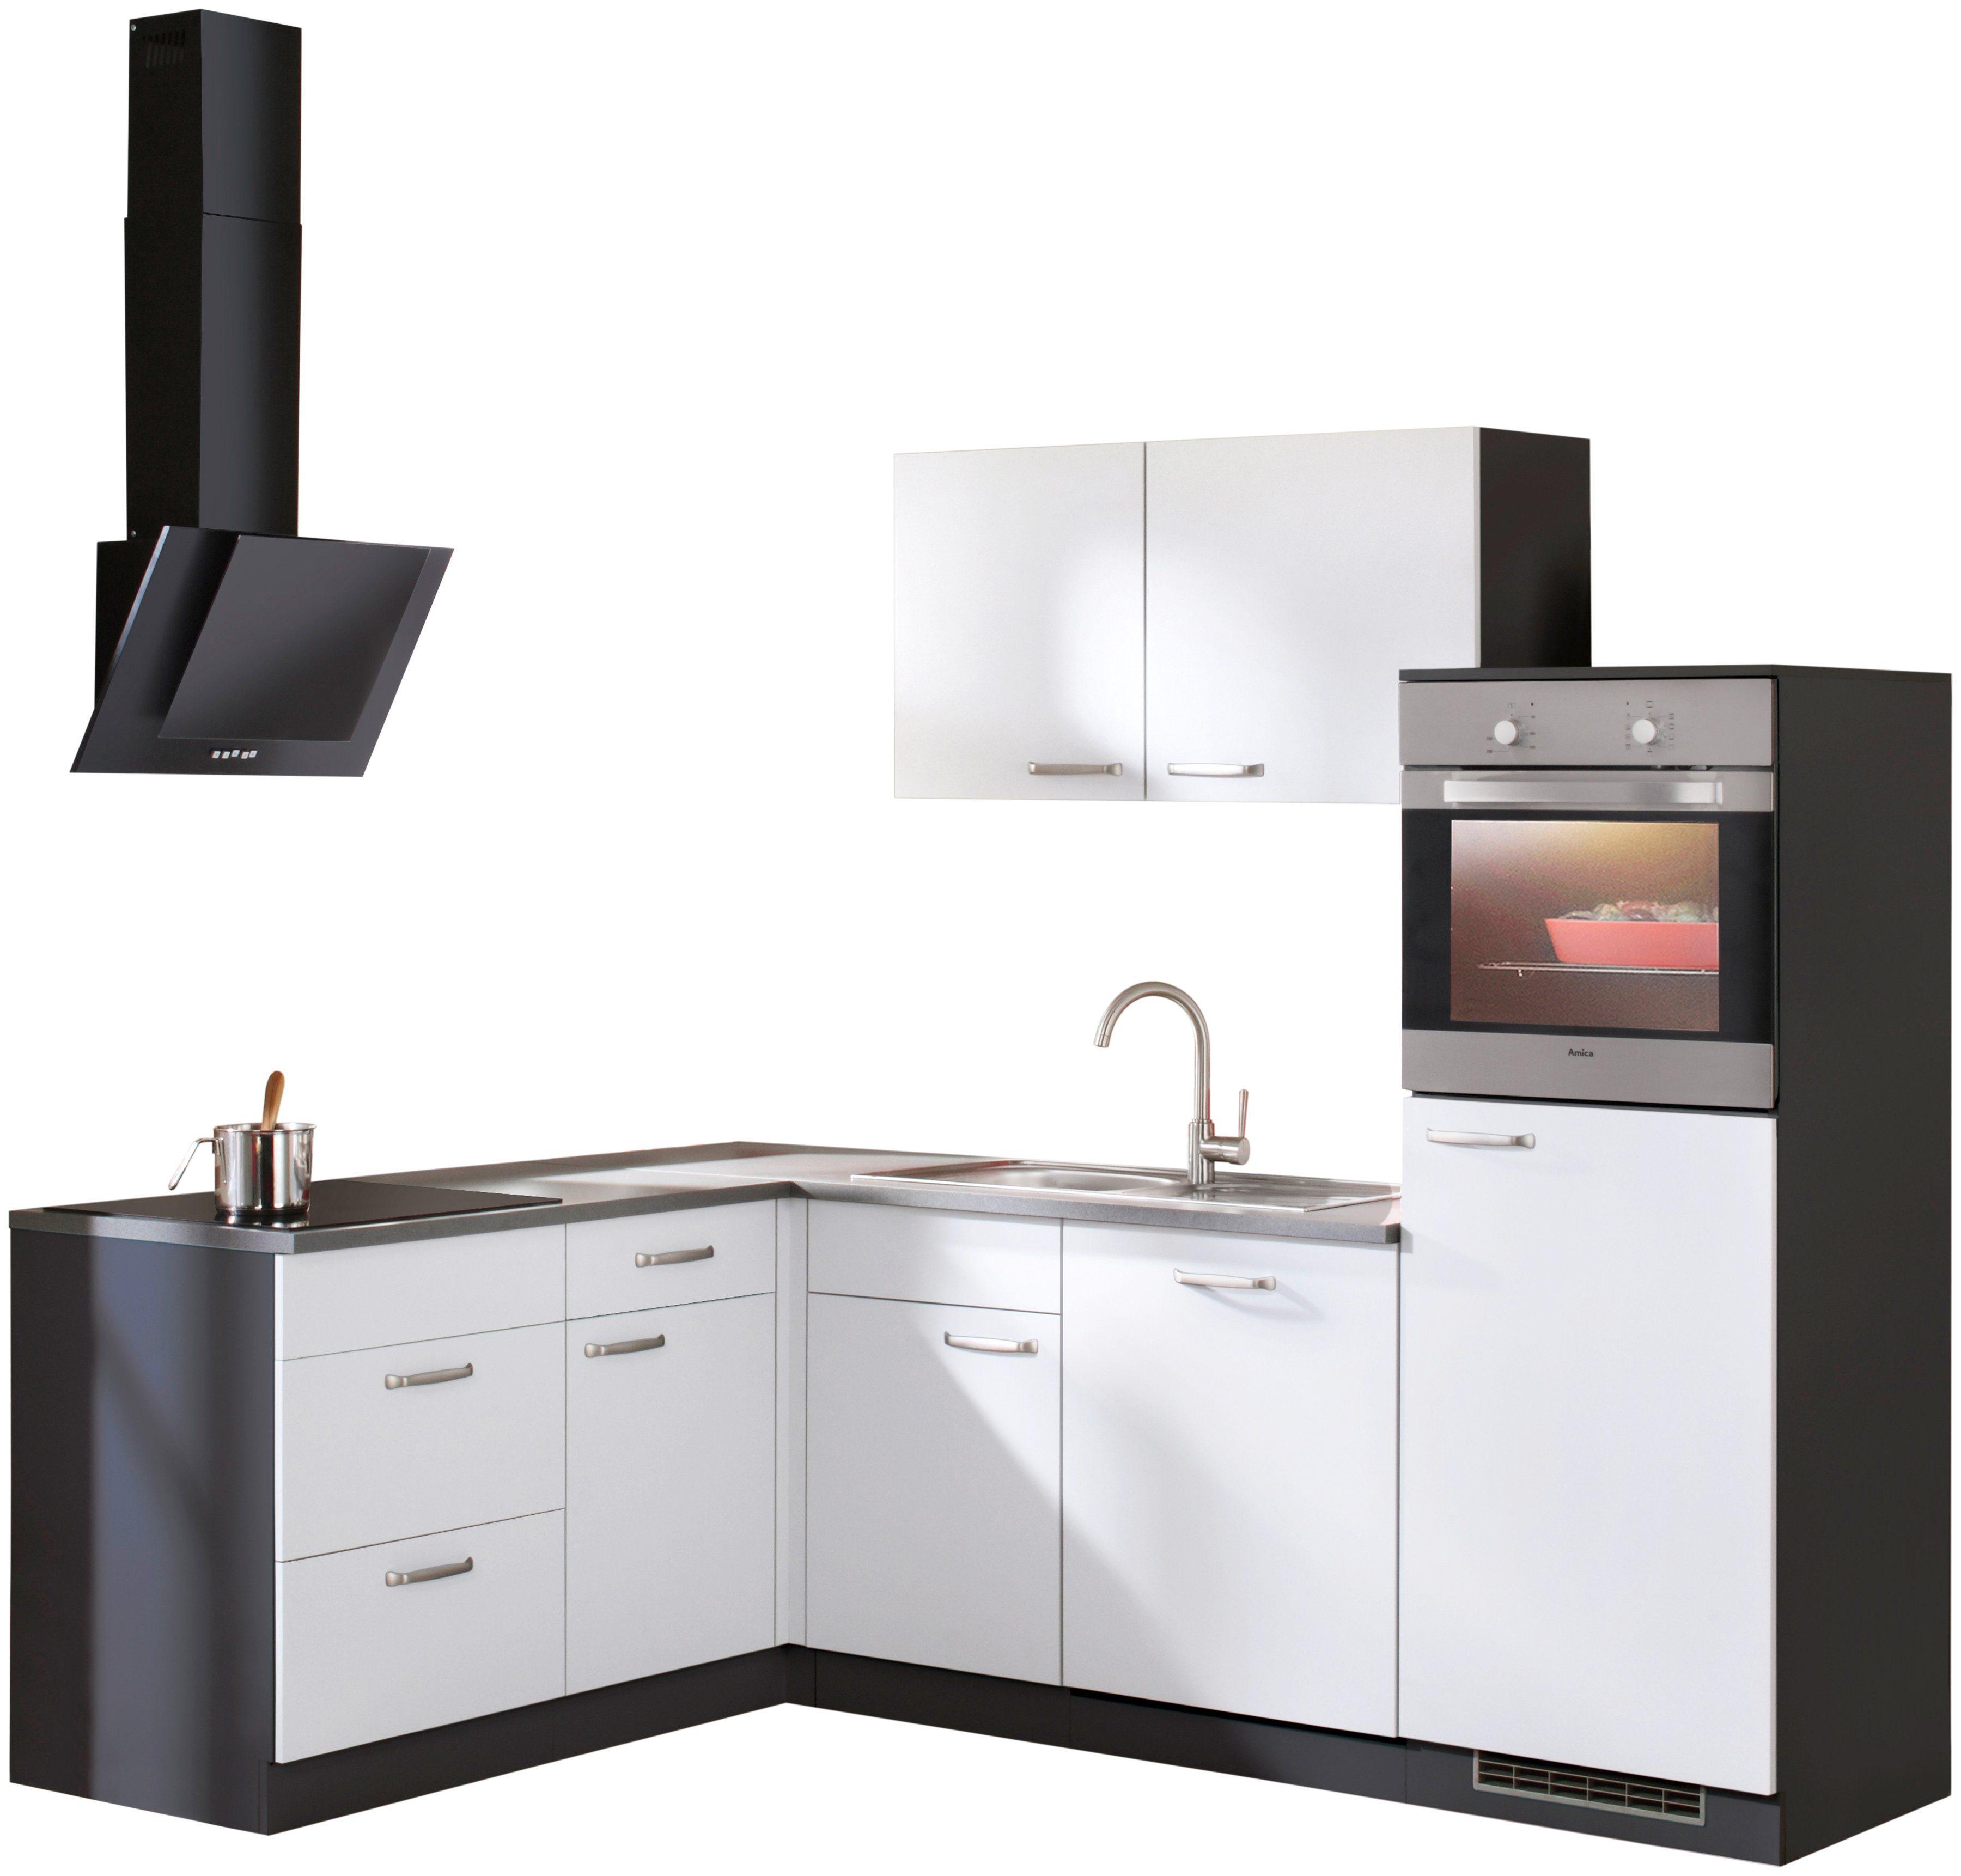 wiho Küchen Winkelküche Michigan mit E-Geräten 230 x 170 cm